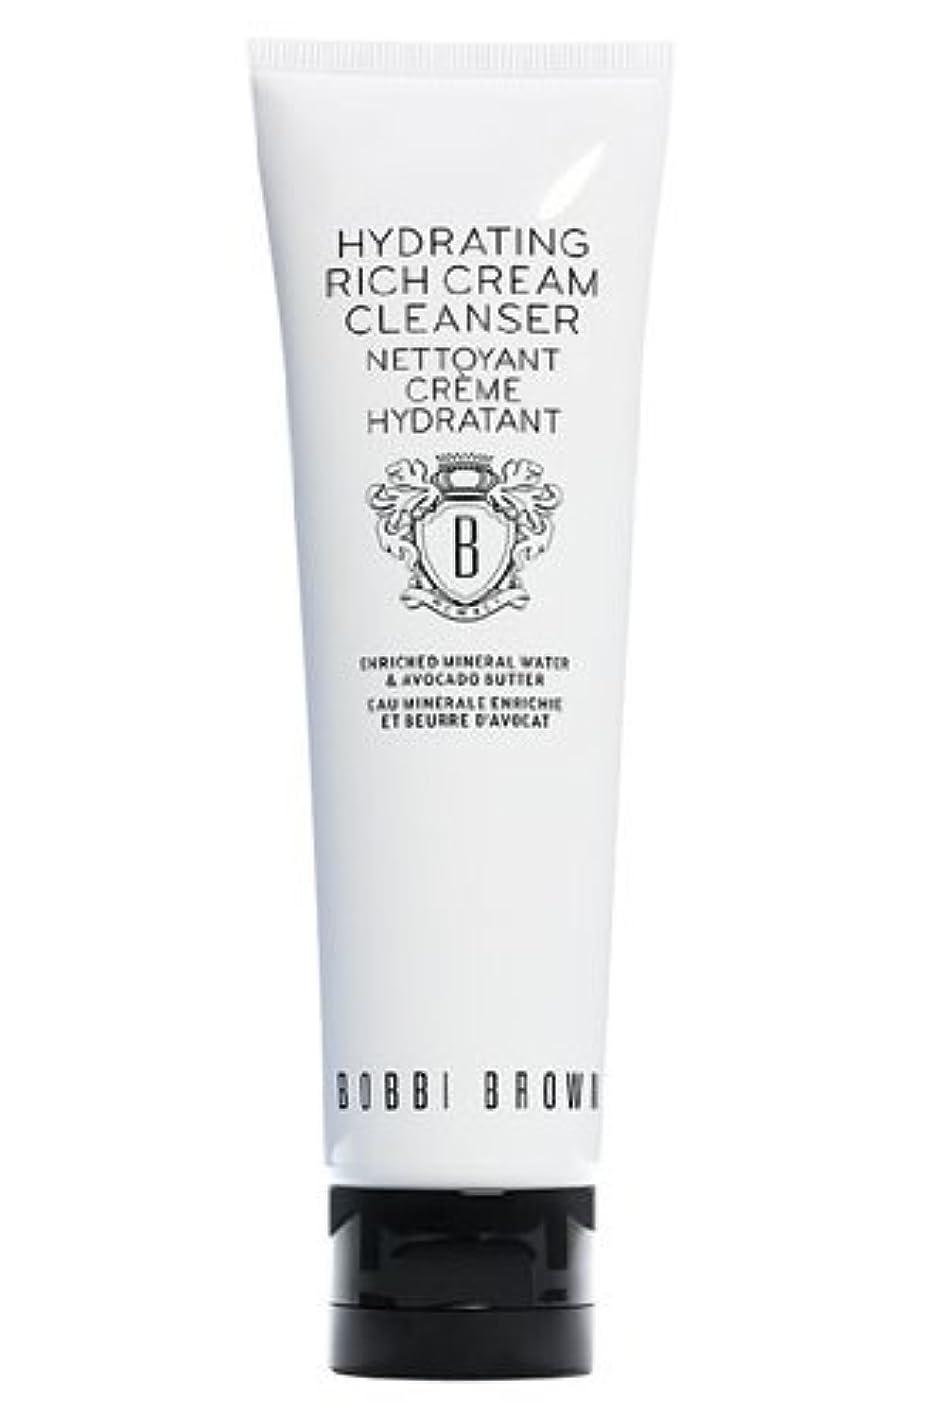 反発動的はげBobbi Brown Hydrating Rich Cream Cleanser (ボビーブラウン ハイドレイティングリッチクリームクレンザー) 4.2 oz (126ml)